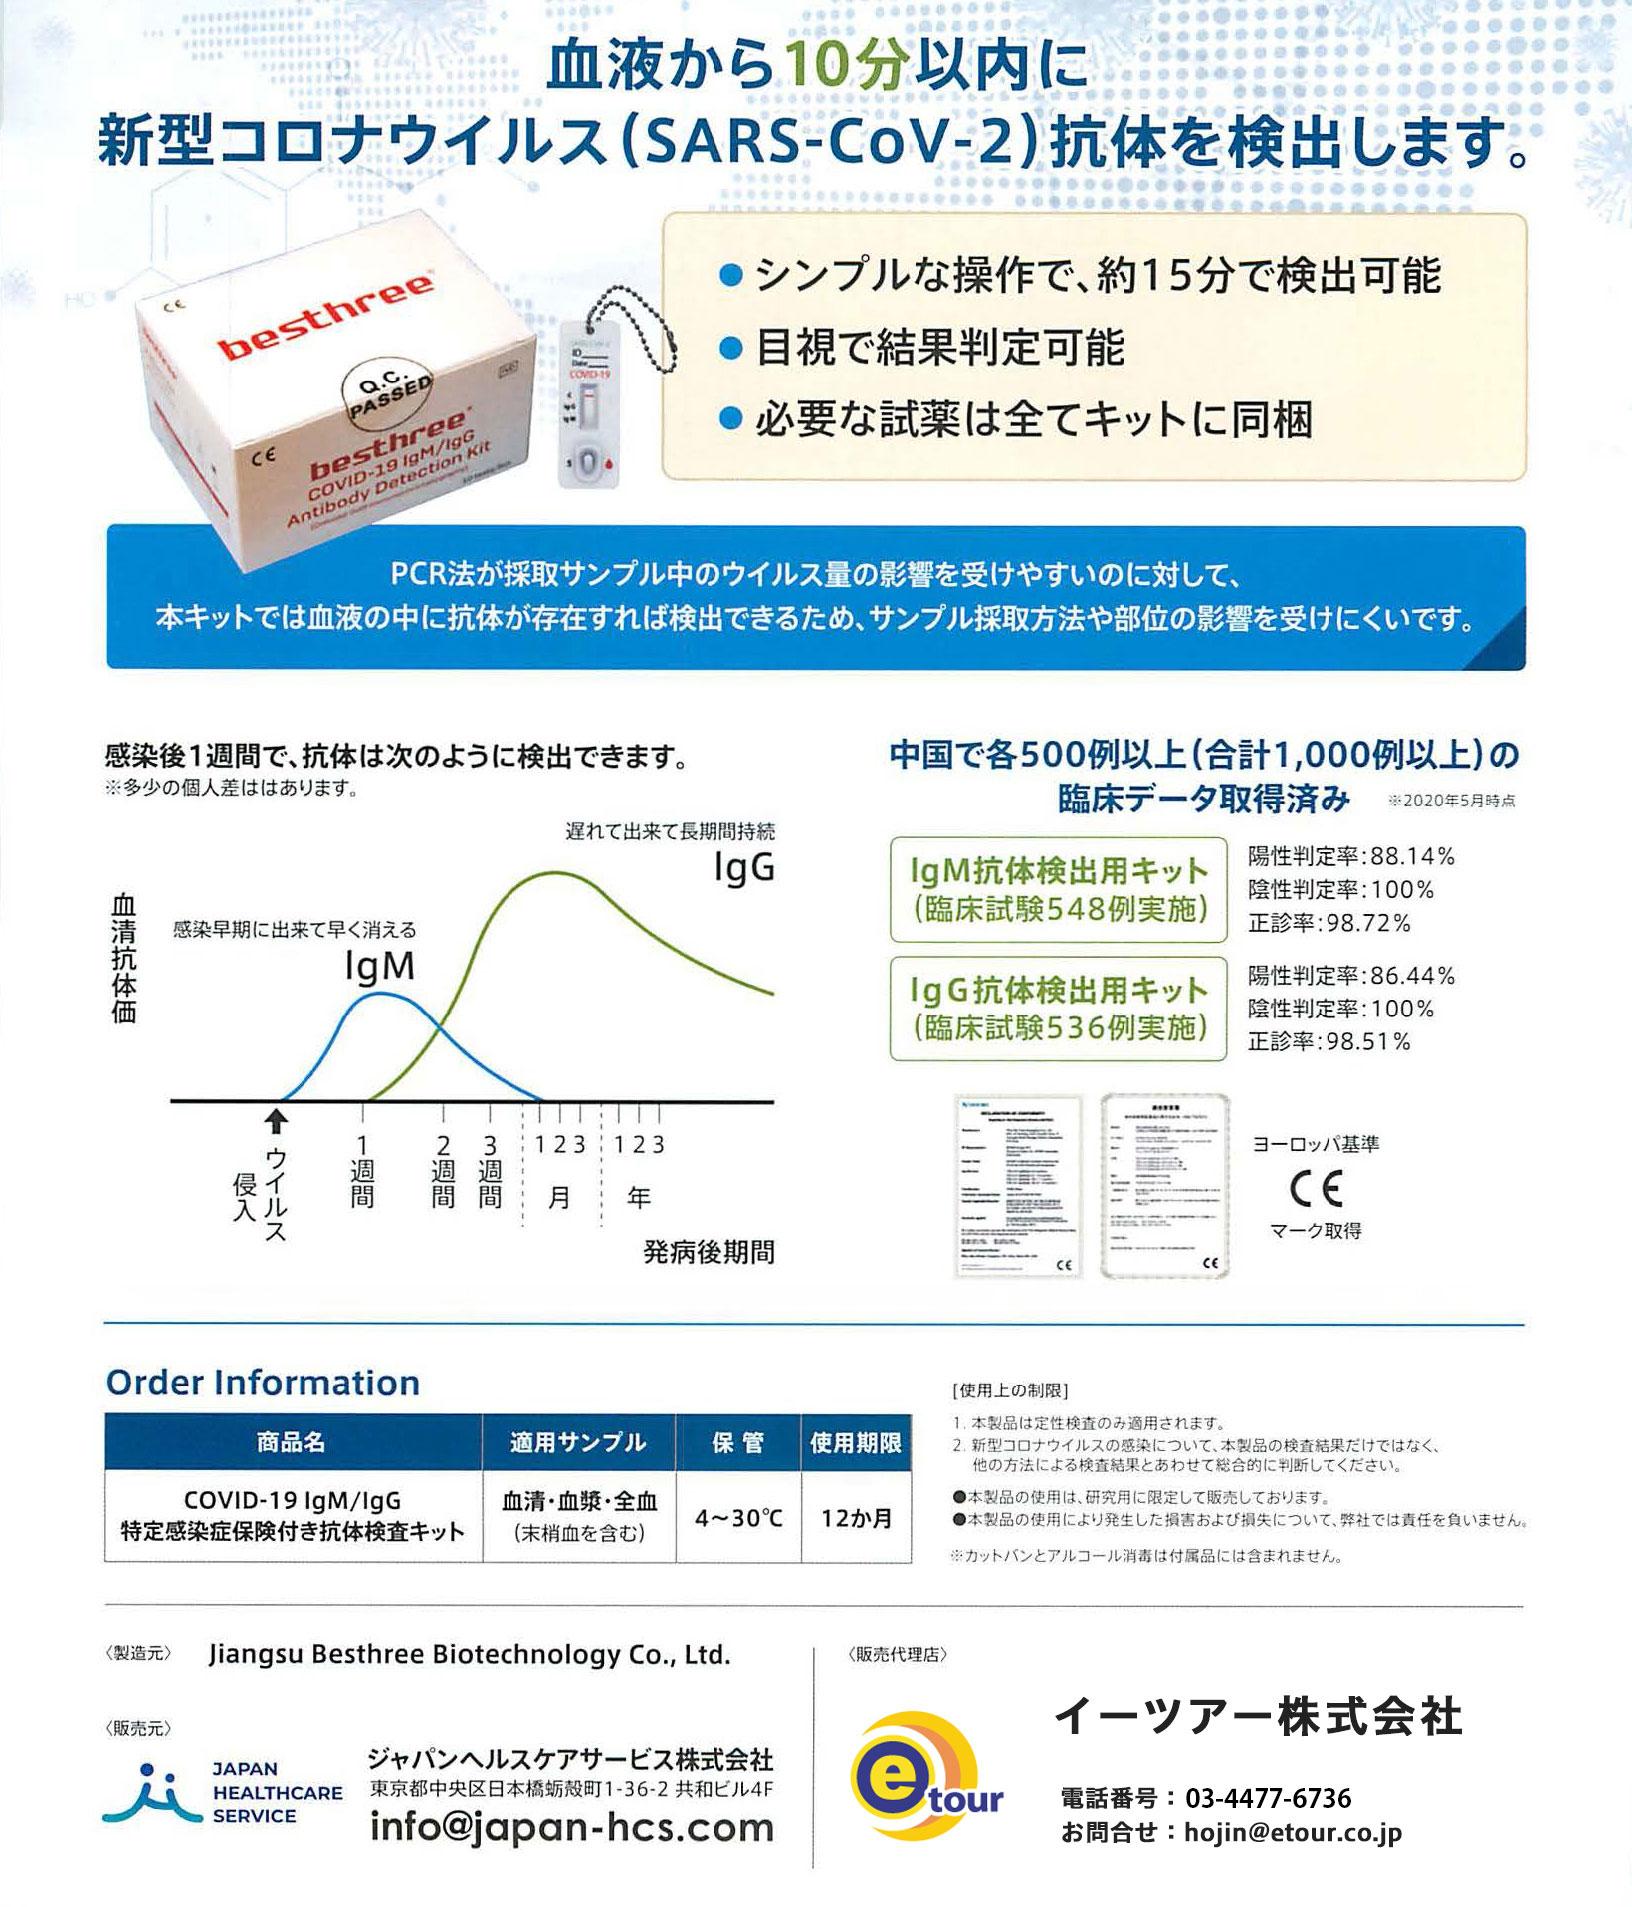 抗体 検査 キット 通販 コロナ